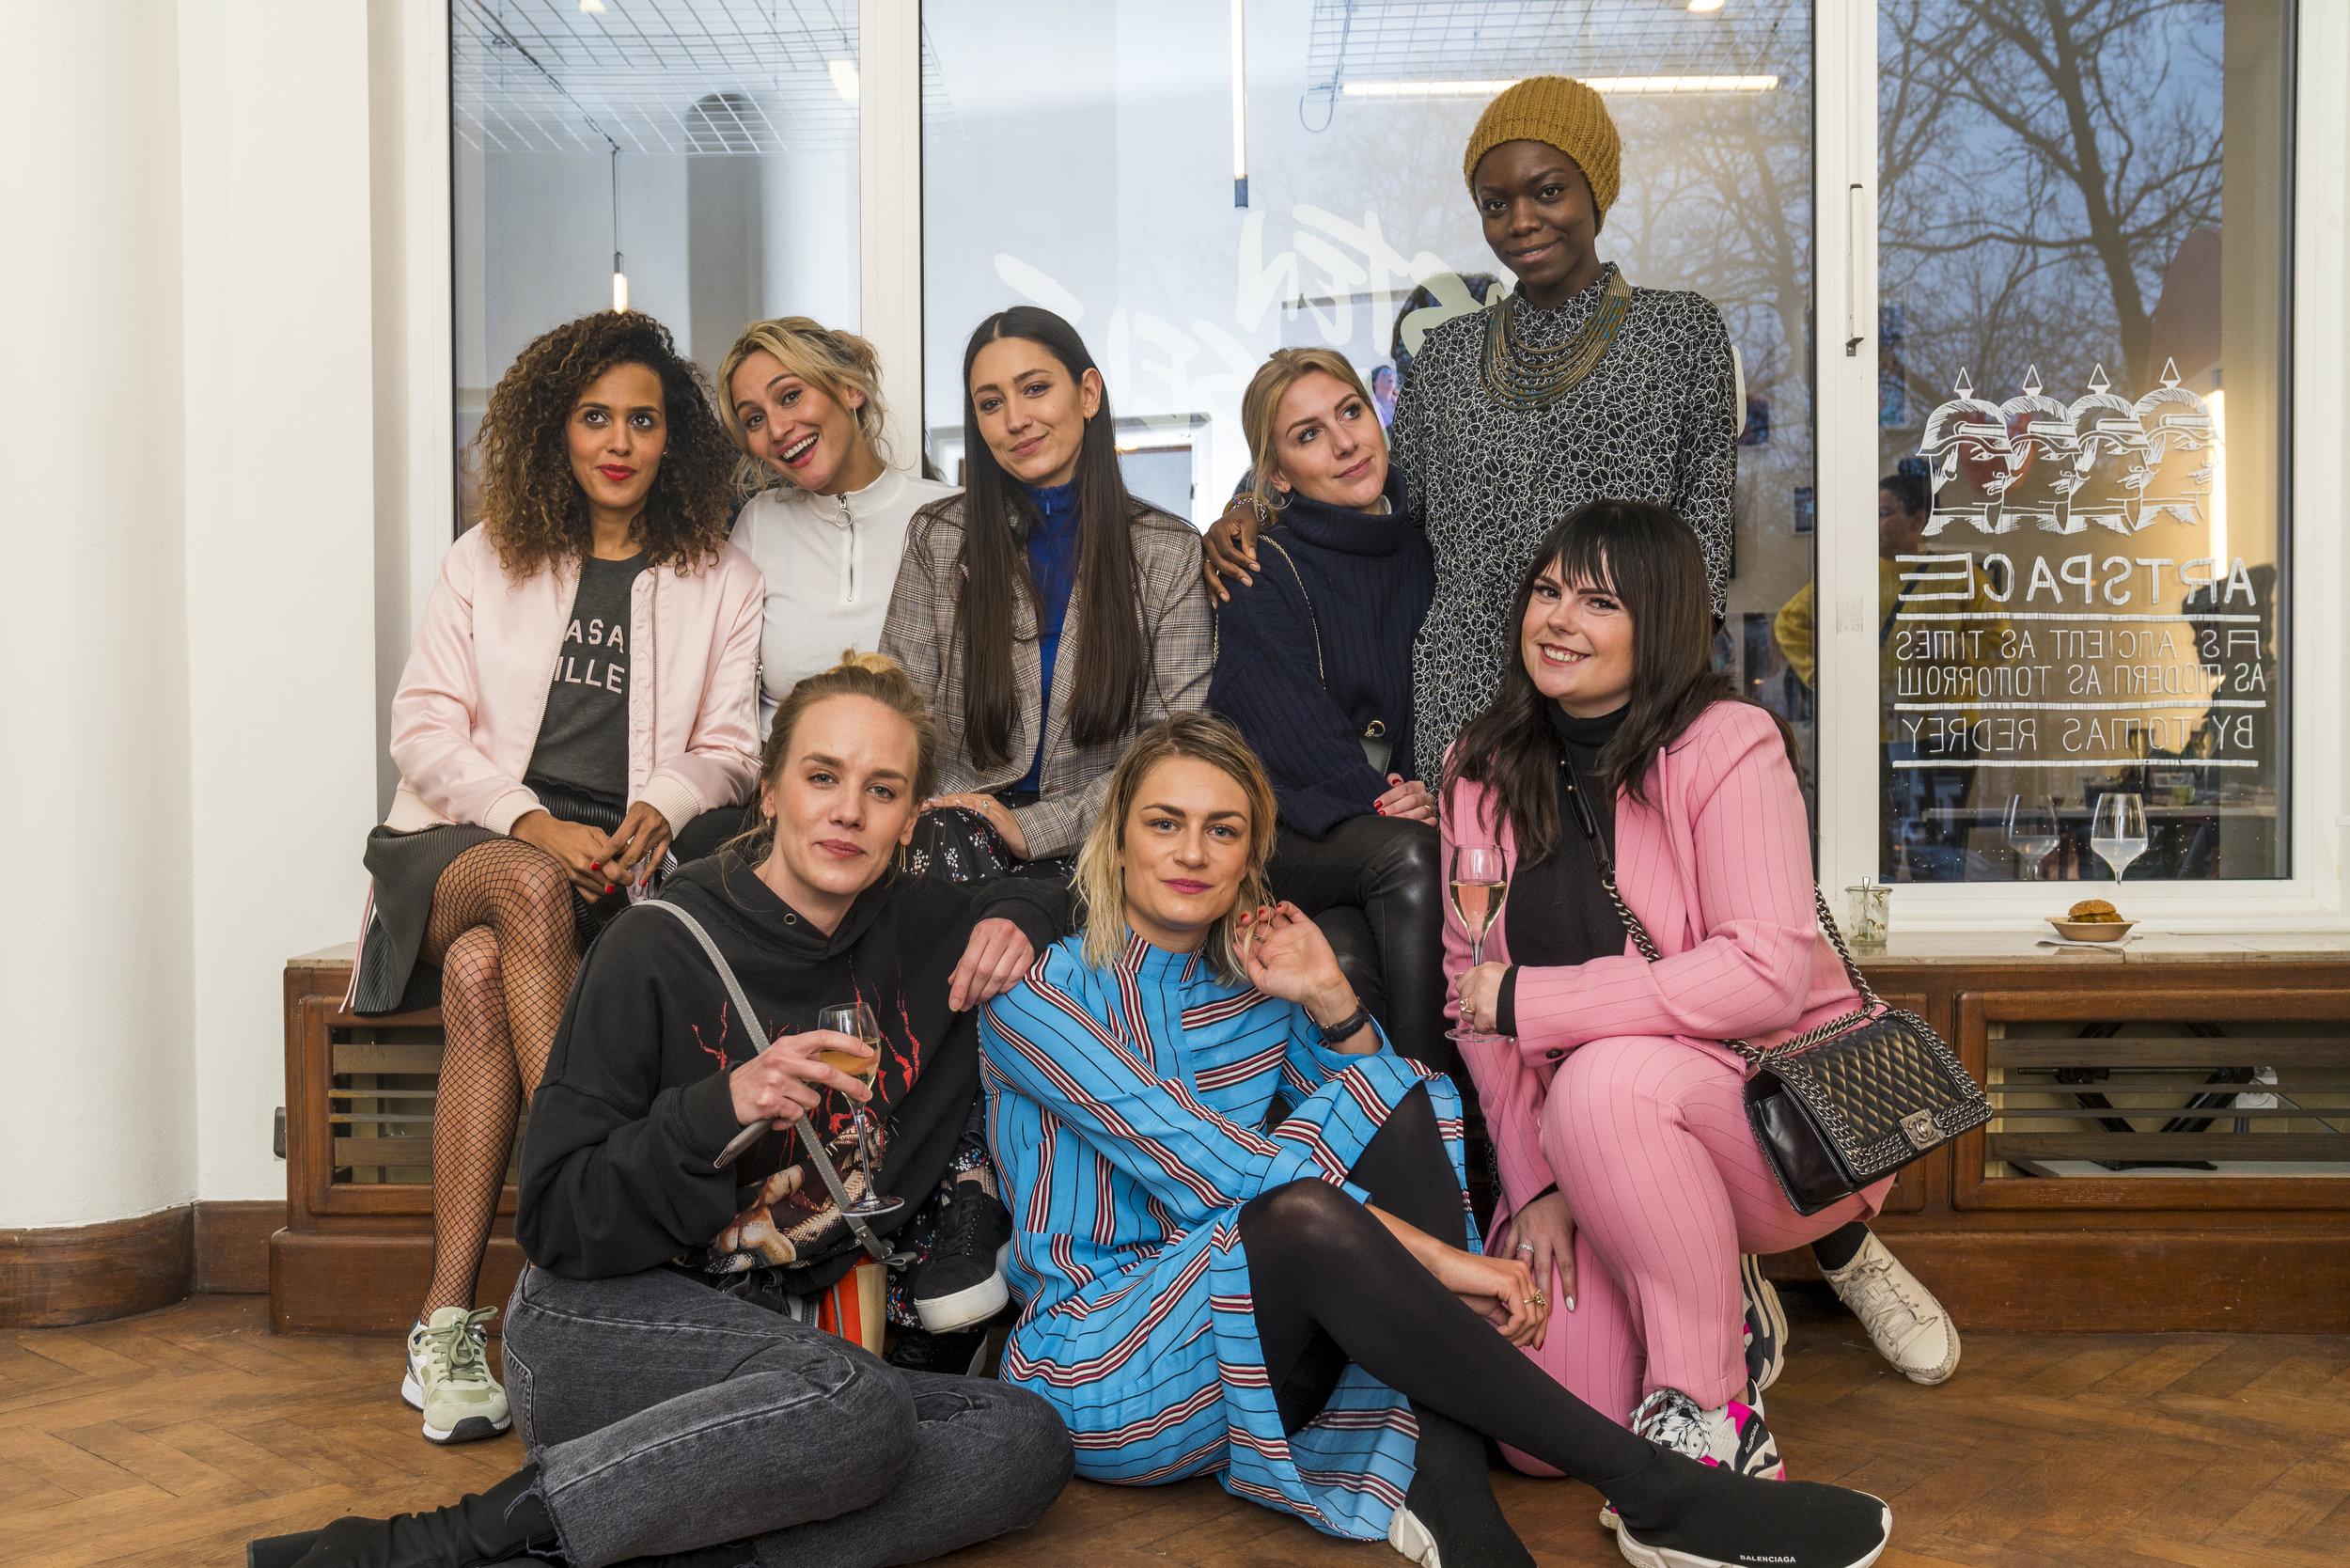 - Samen met een aantal andere inspirerende Belgische vrouwen maak ik nu deel uitvan het sloggi Unfasten Yourself collectief.